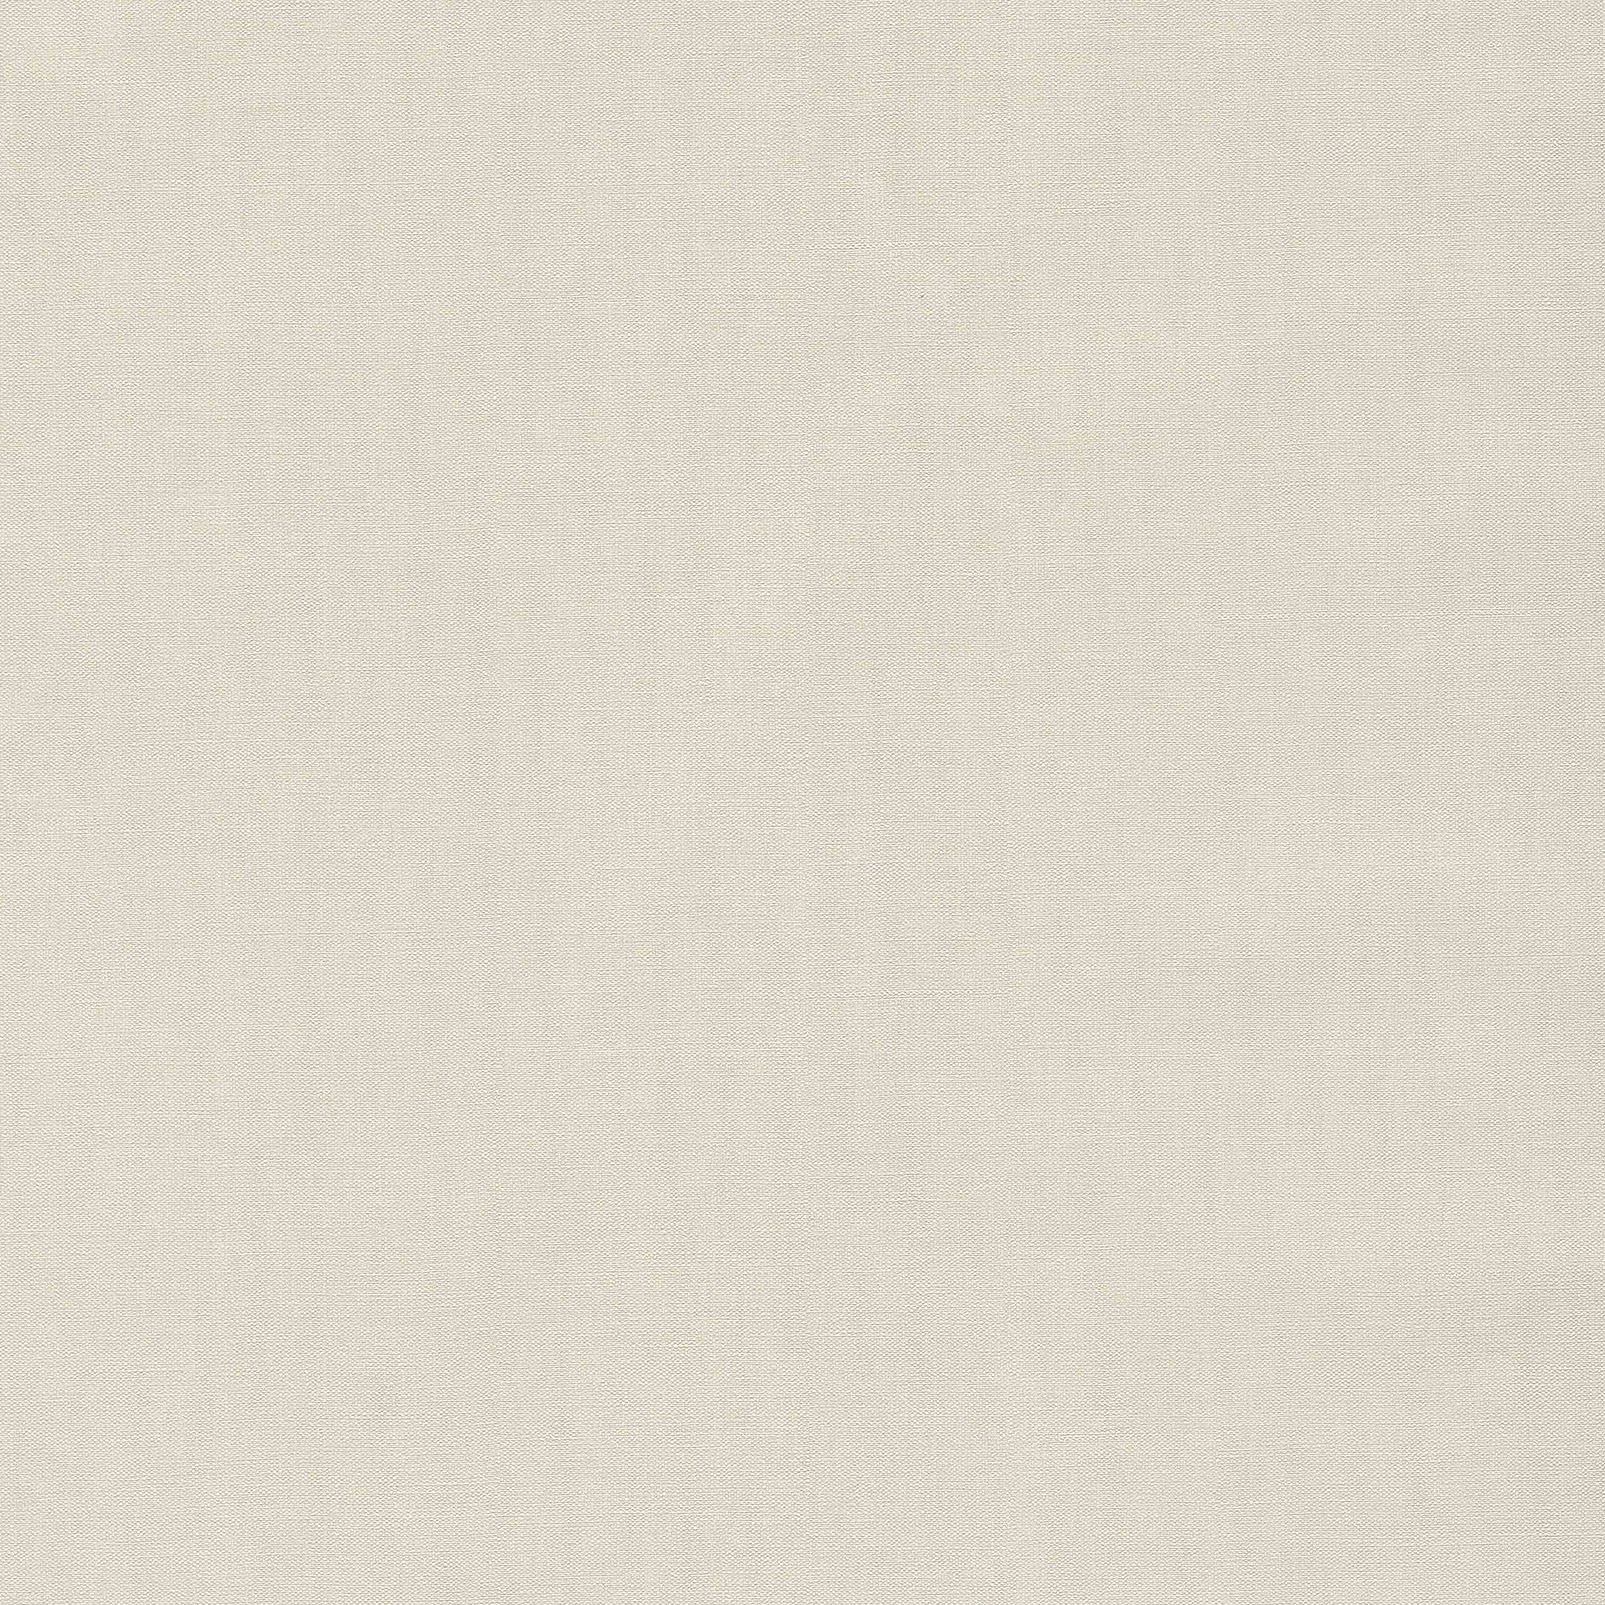 RM2 ANVERS LINEN RM2 219959 BIRCH